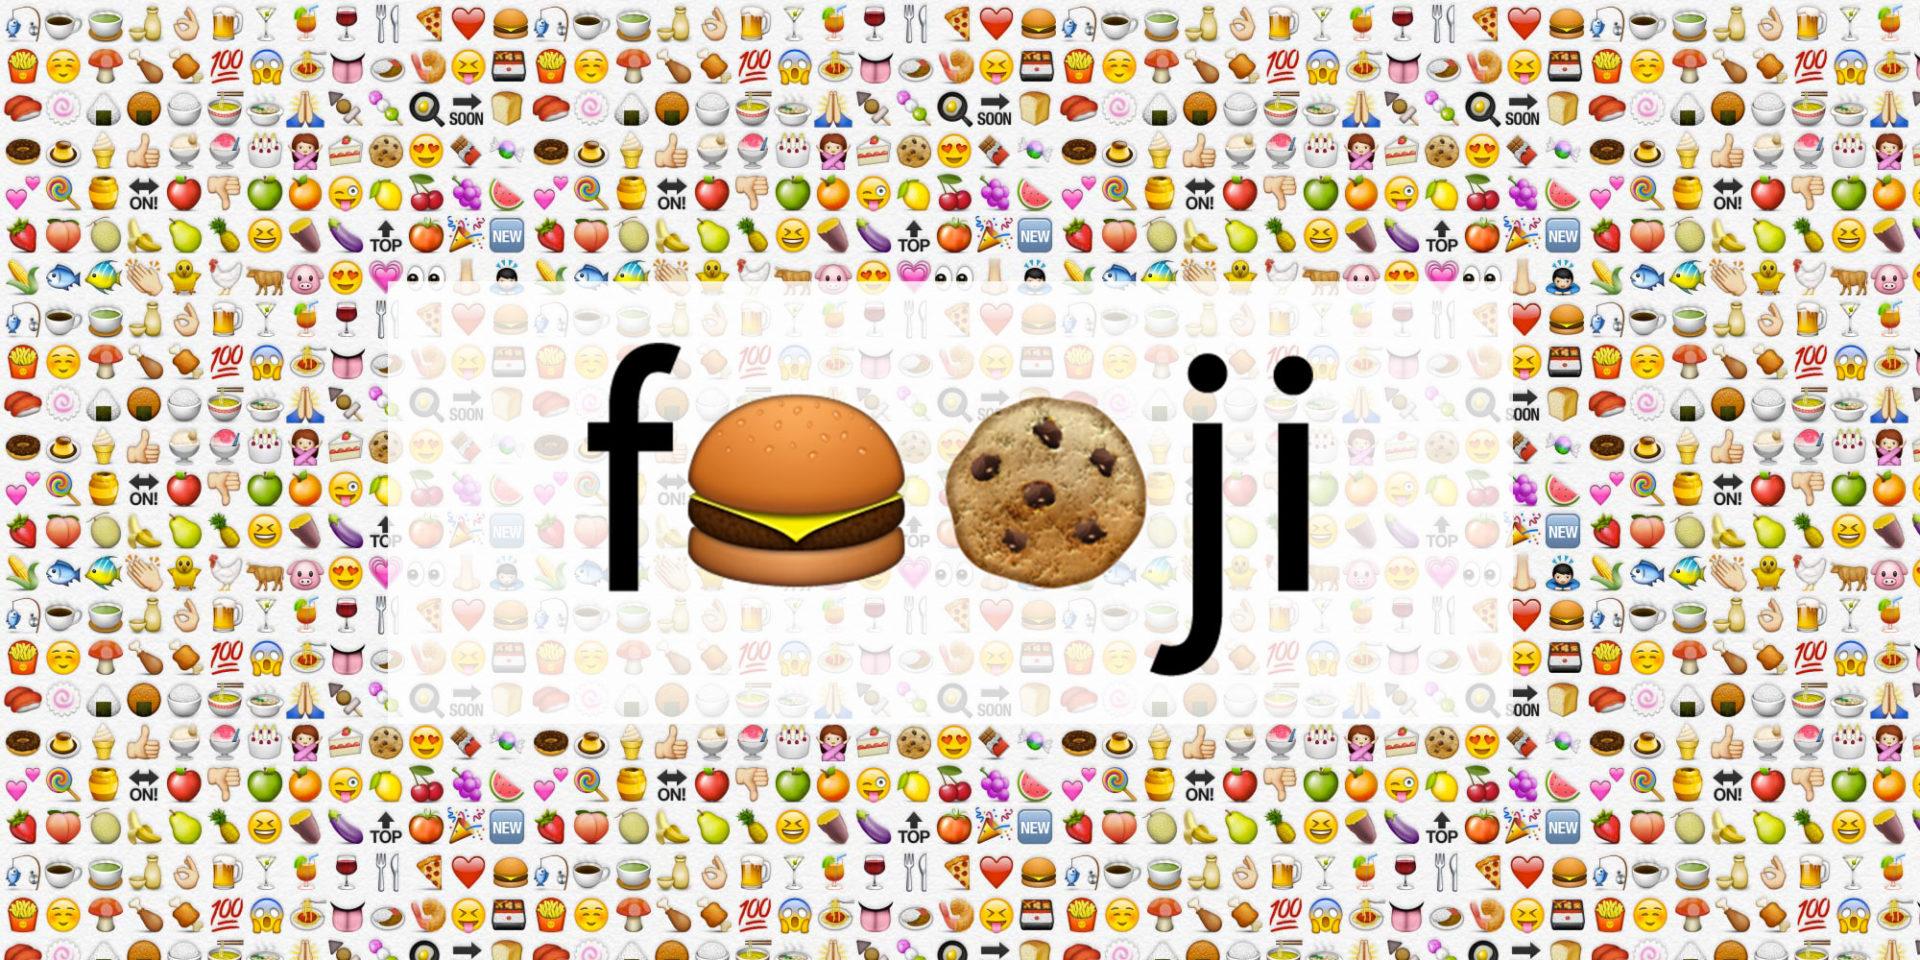 fooji-emoji-banniere-food